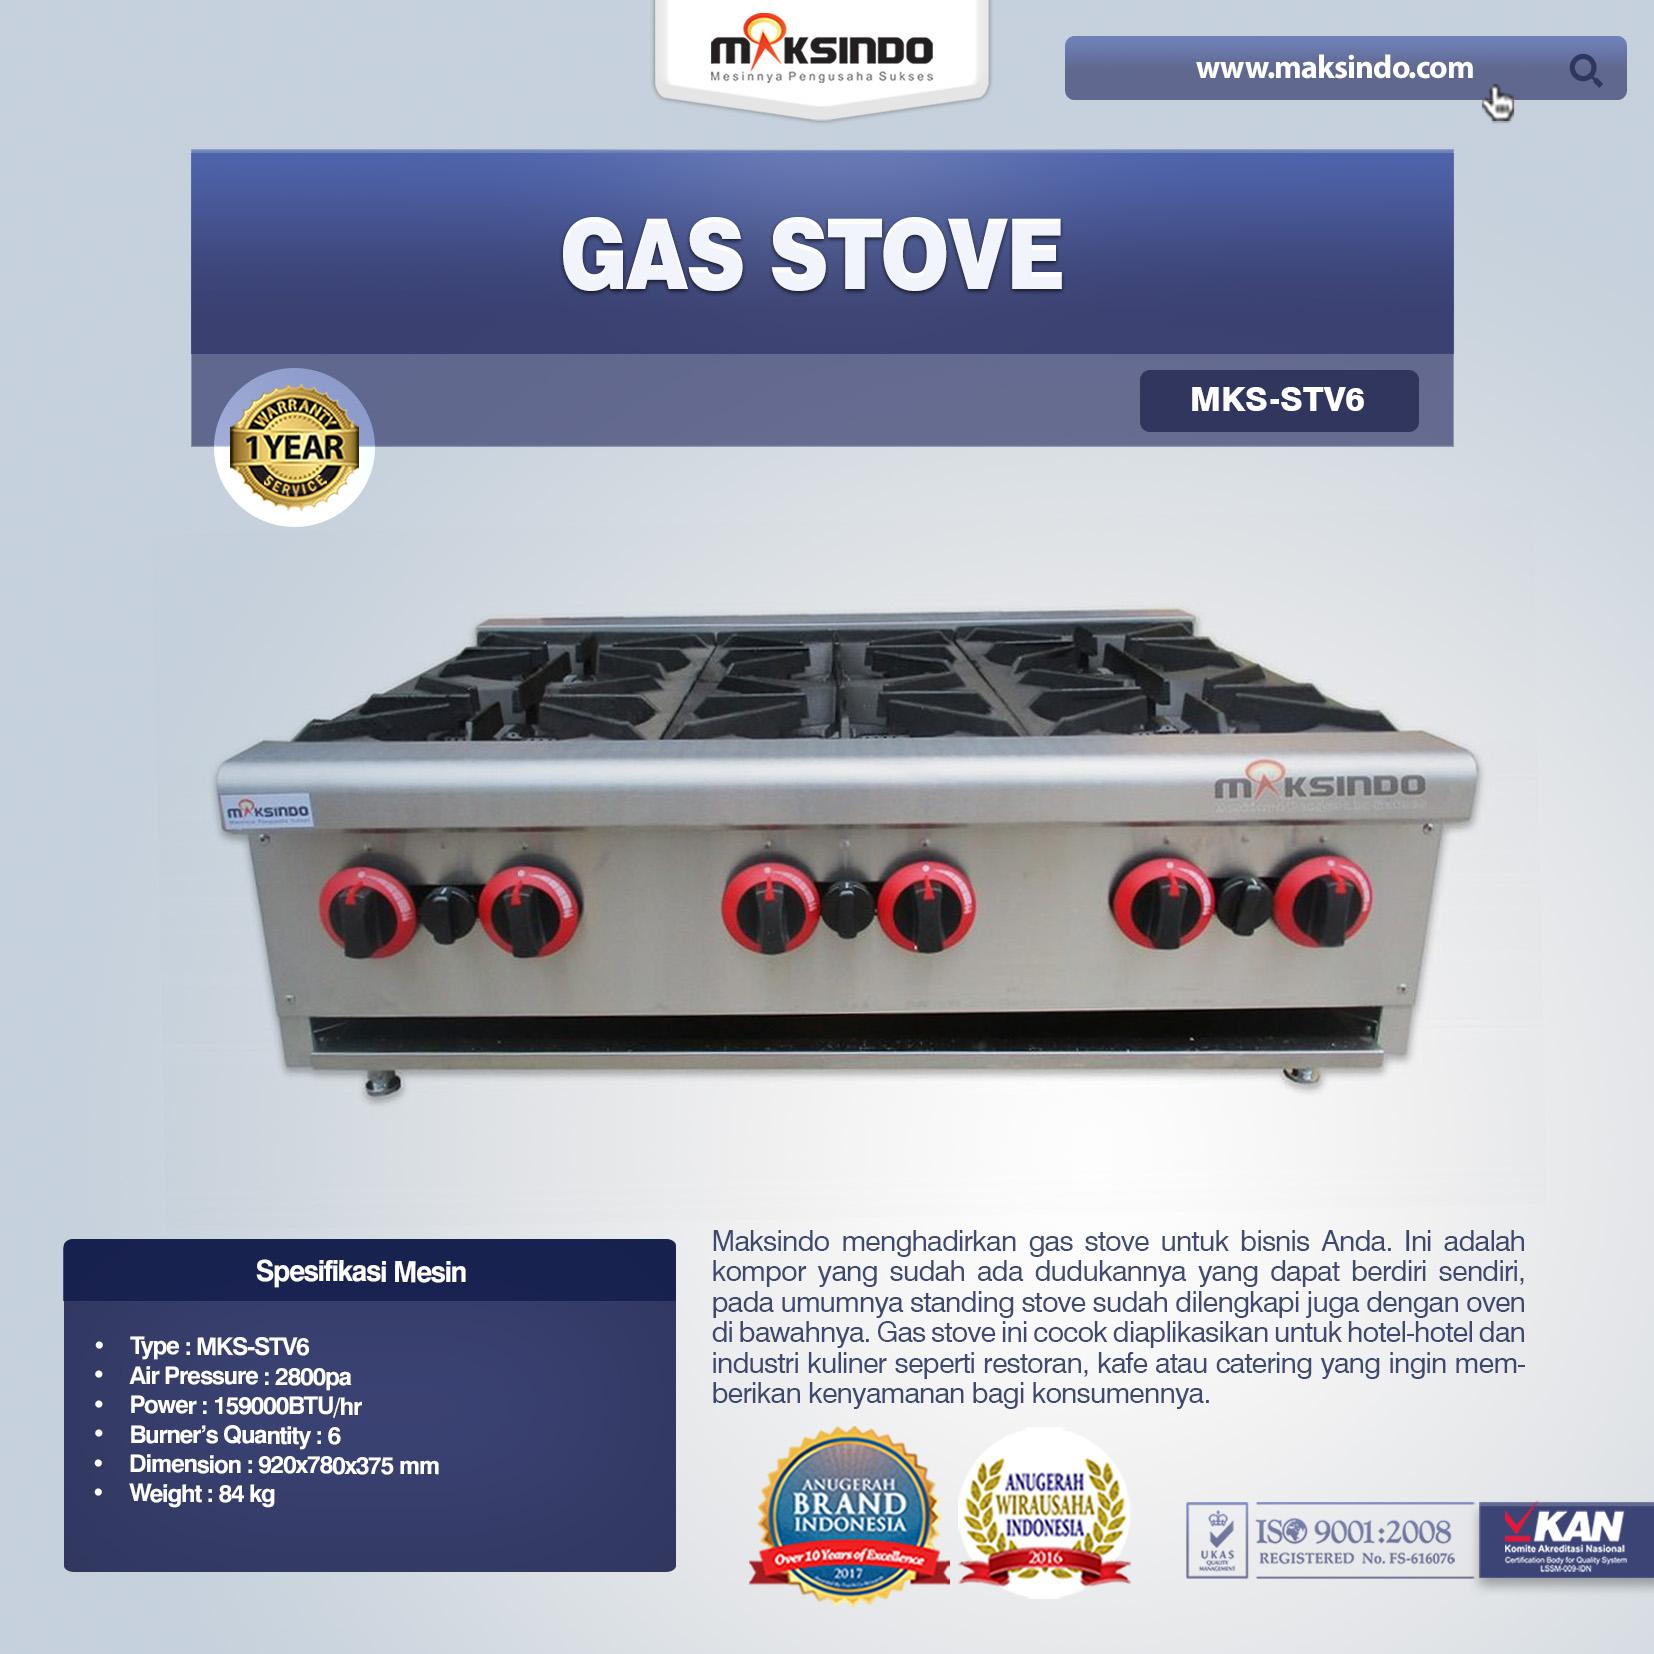 Gas Stove MKS-STV6